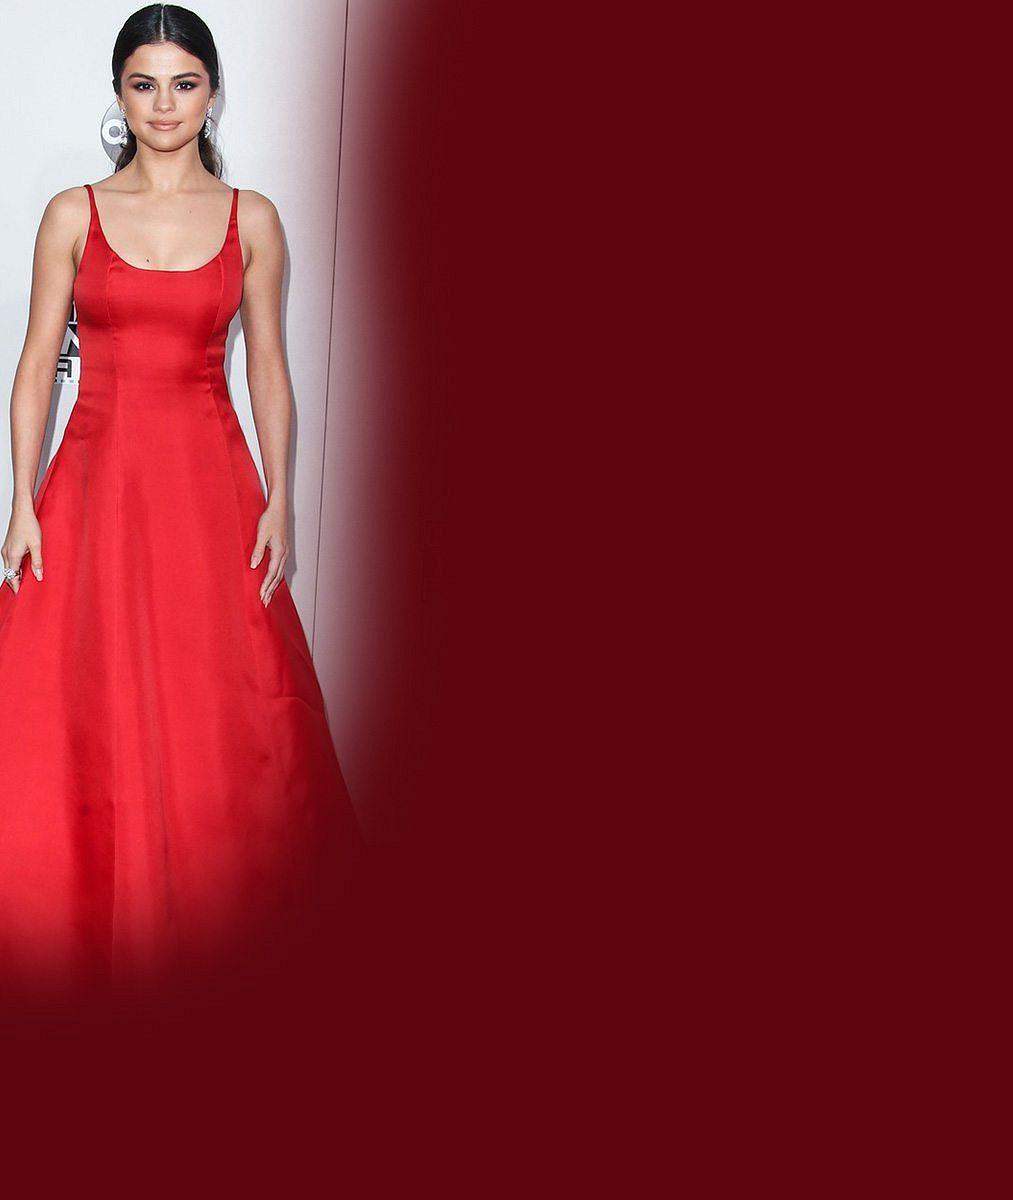 Triumfální návrat Seleny Gomez po léčení: Děkovnou řečí na hudebních cenách dojala sebe i všechny kolegy